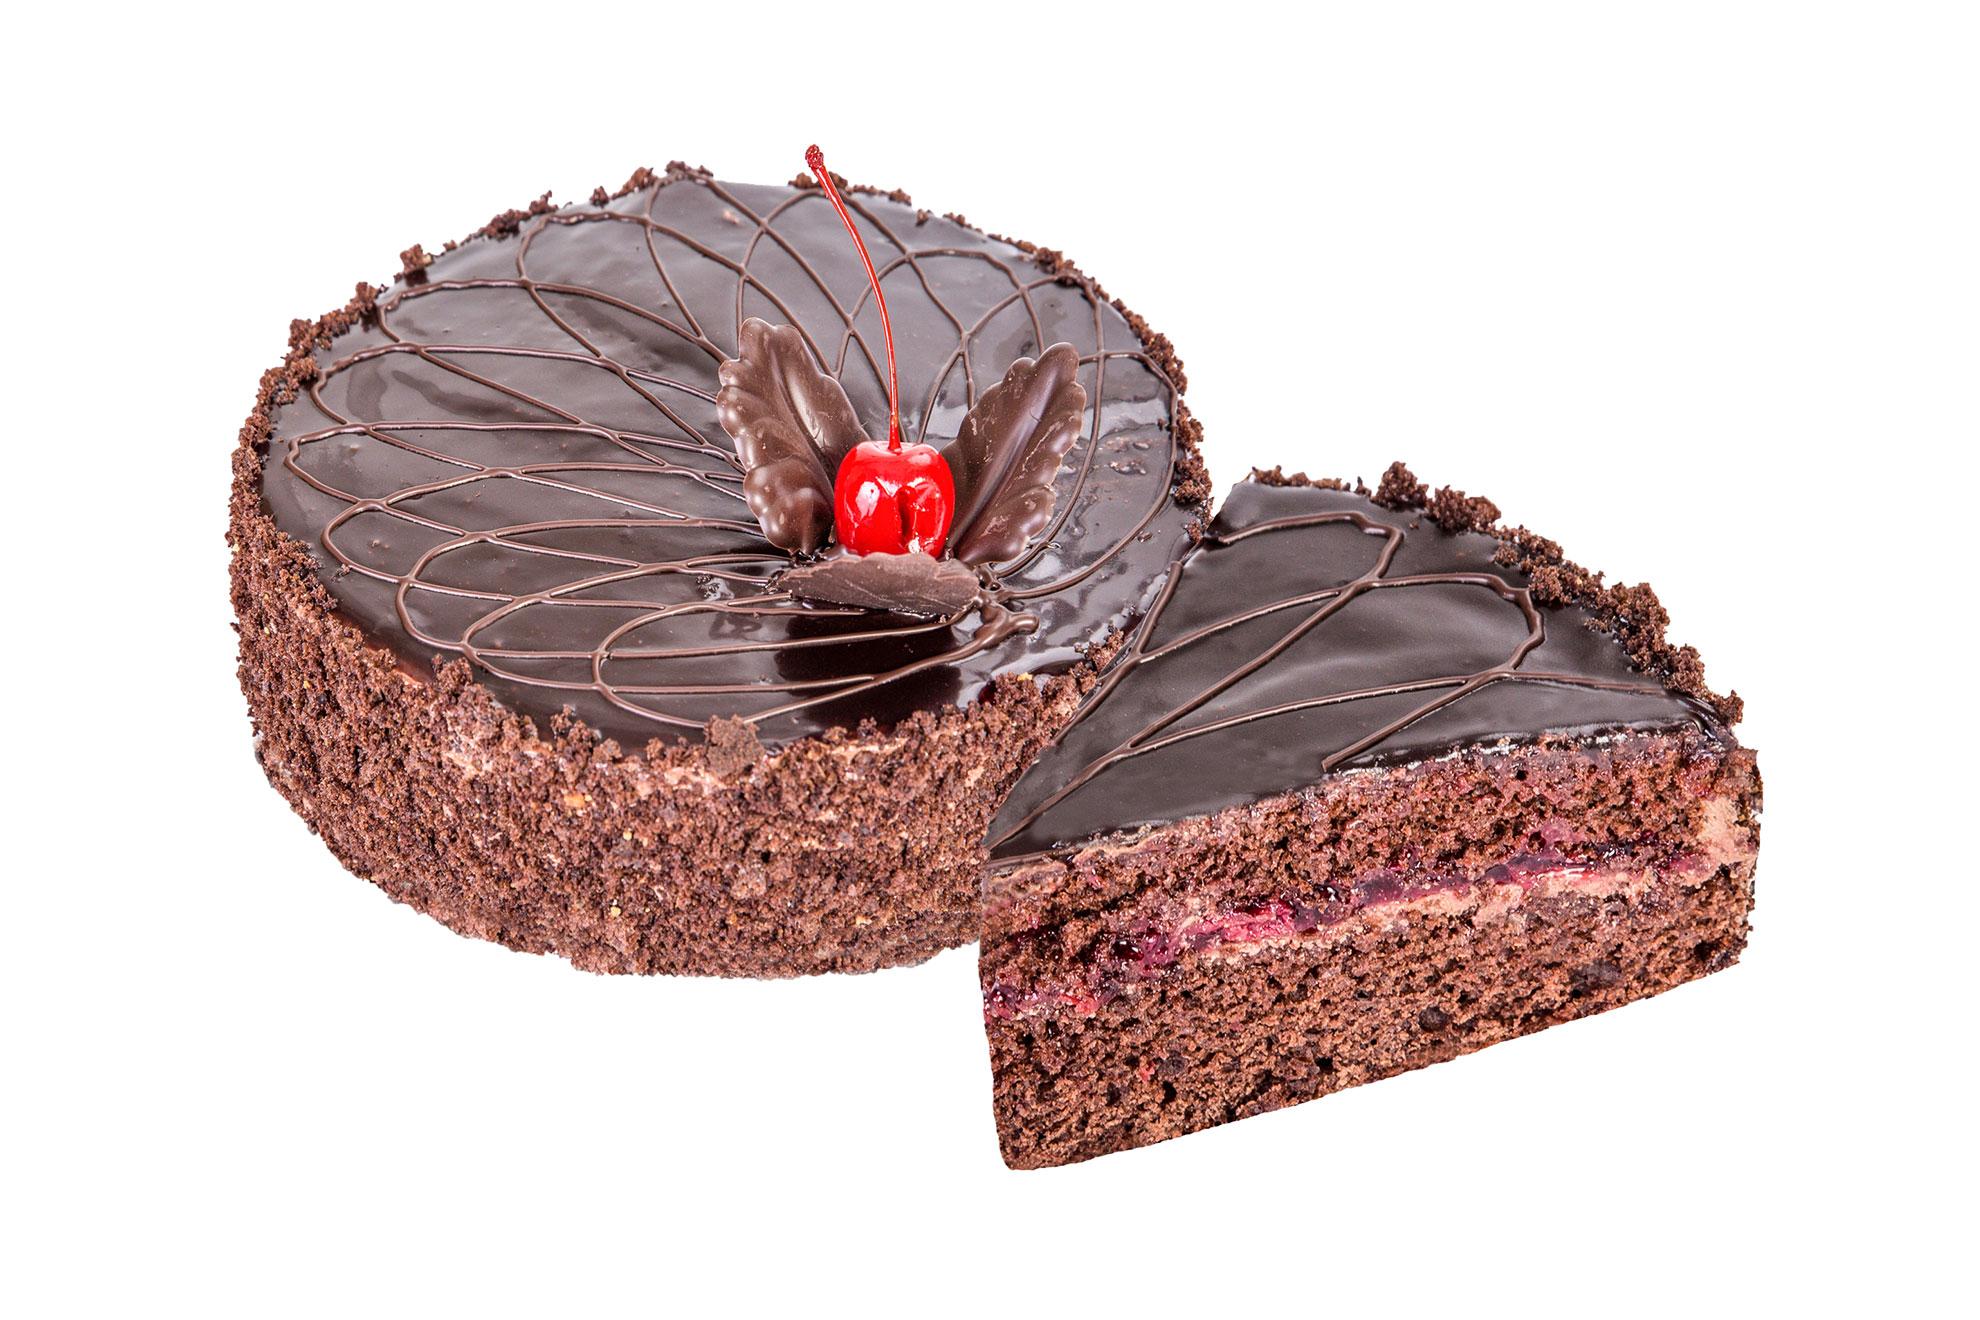 Торт «Прага з вишнею» – Кондитерська фабрика Квітень